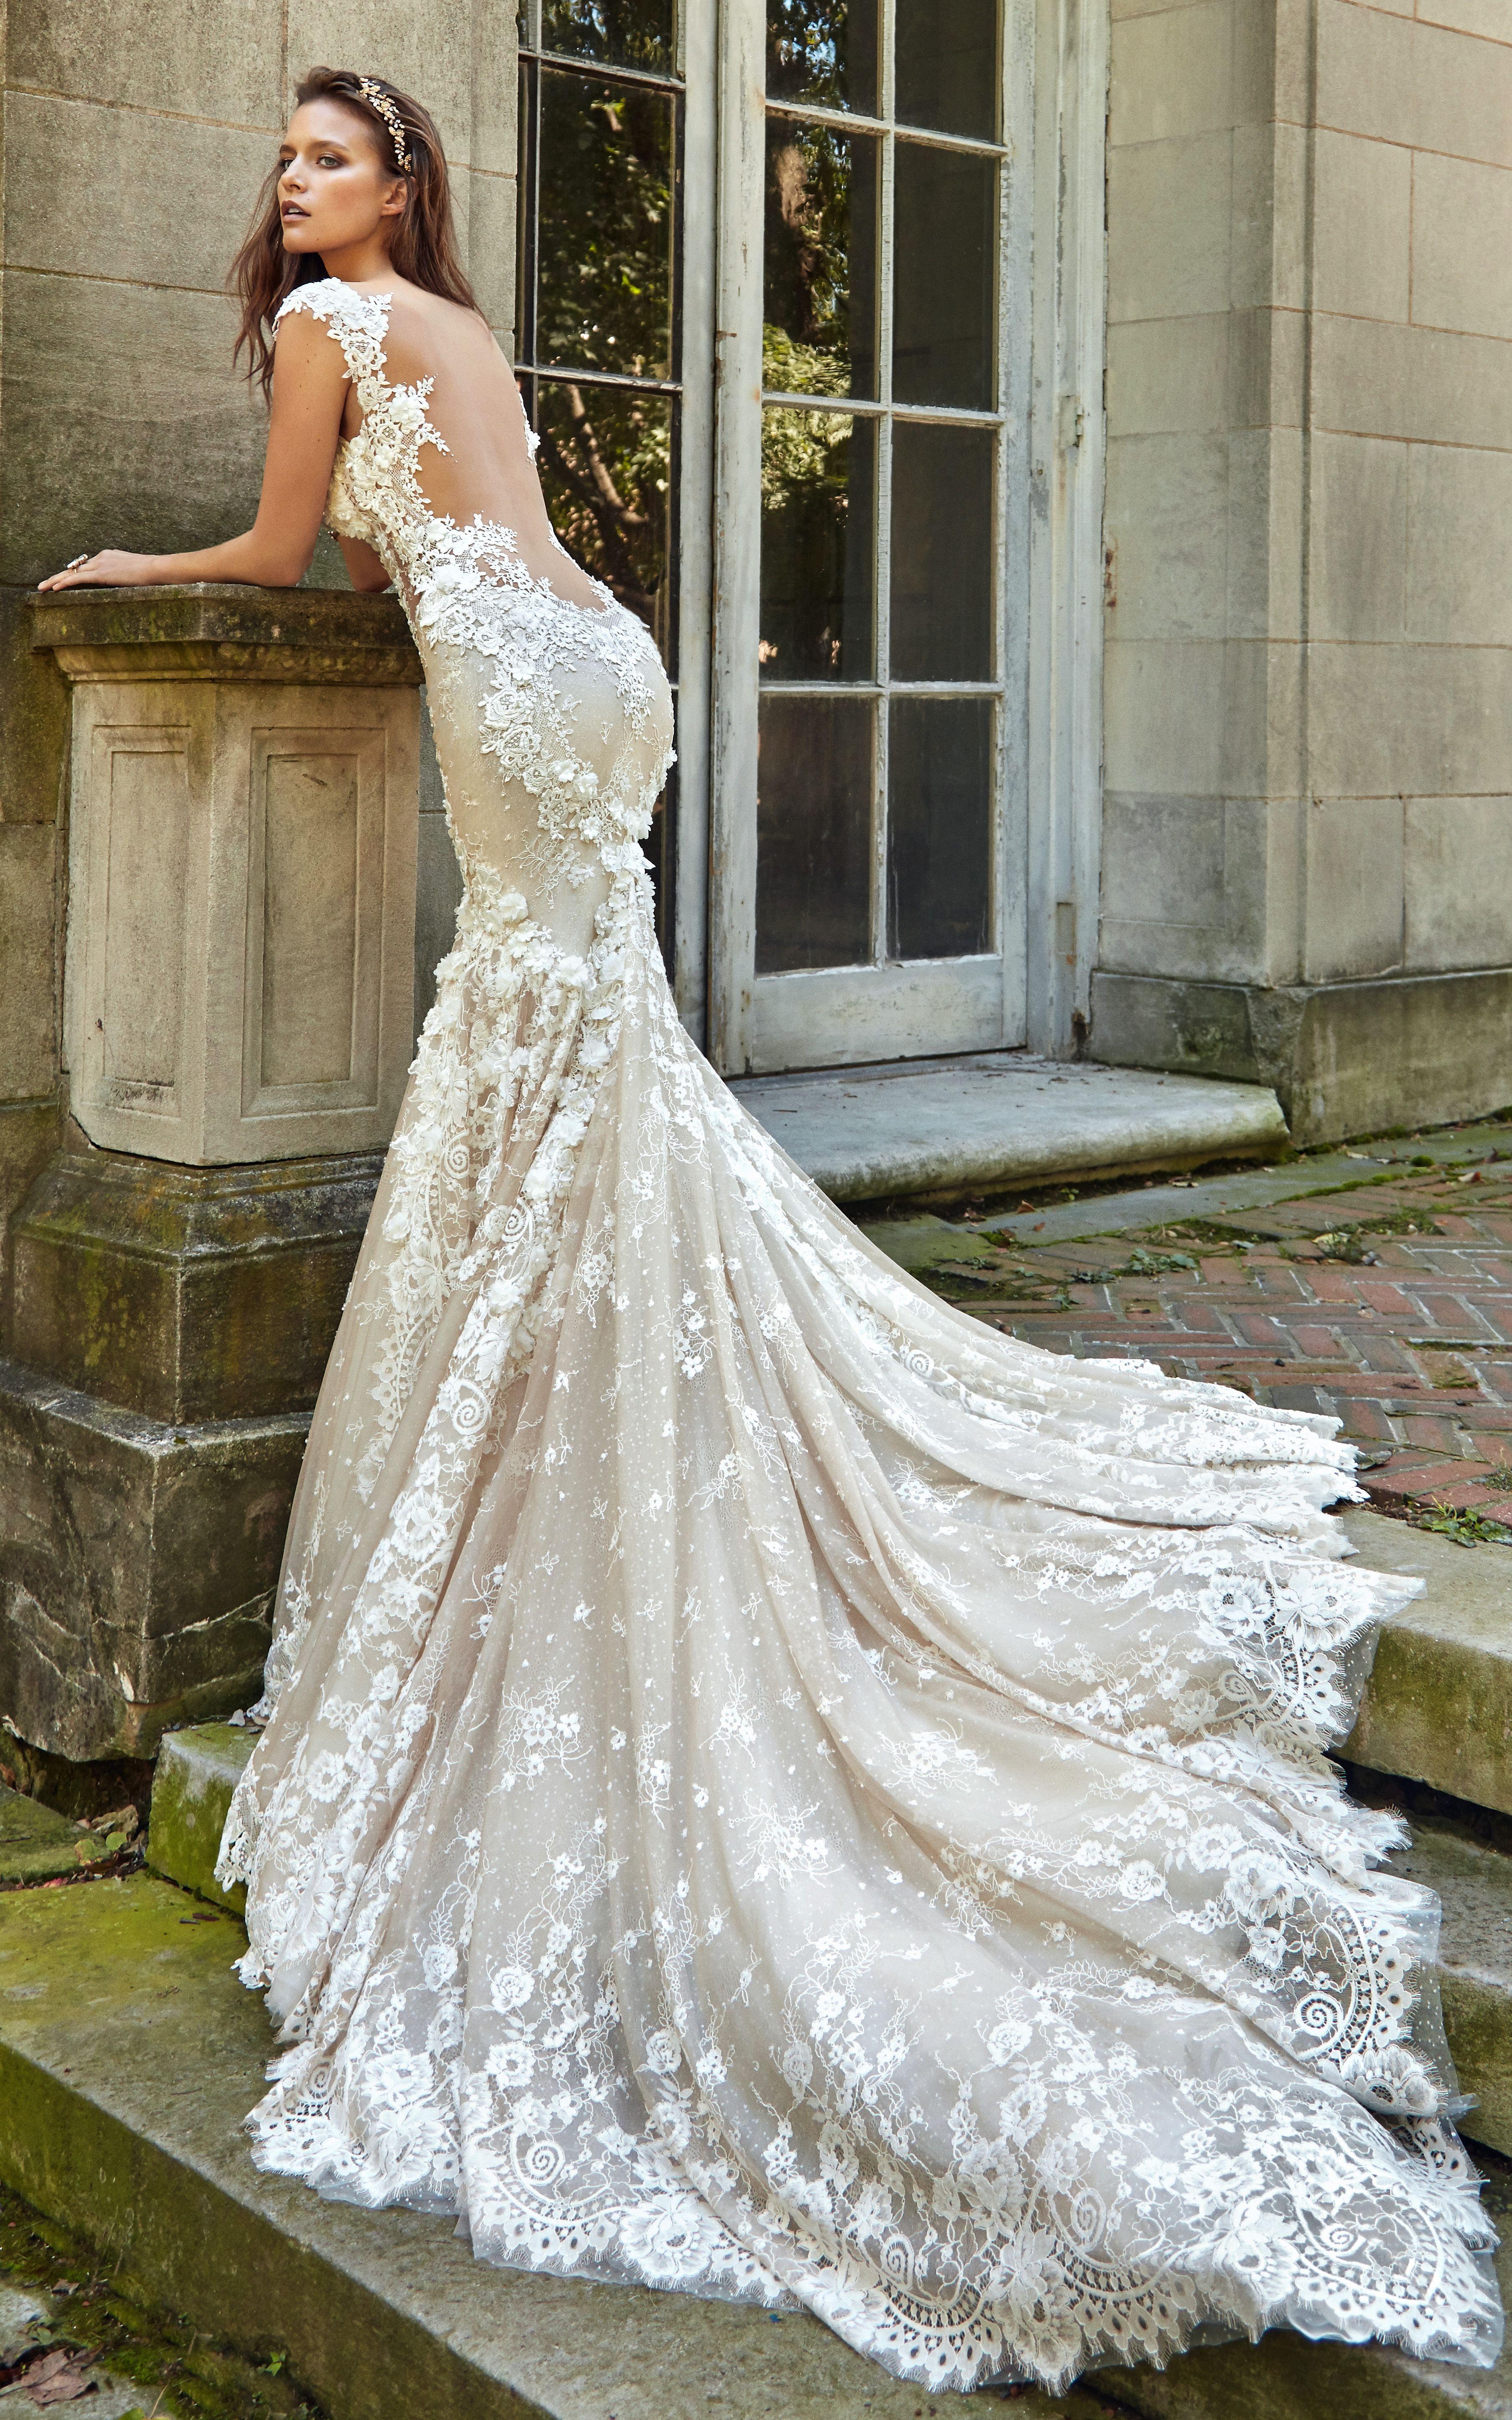 Emma Le Secret Royal Part Ii Bridal Dresses Galia Lahav Wedding Dress Low Back Galia Lahav Wedding Dress Wedding Dresses [ 5791 x 3619 Pixel ]